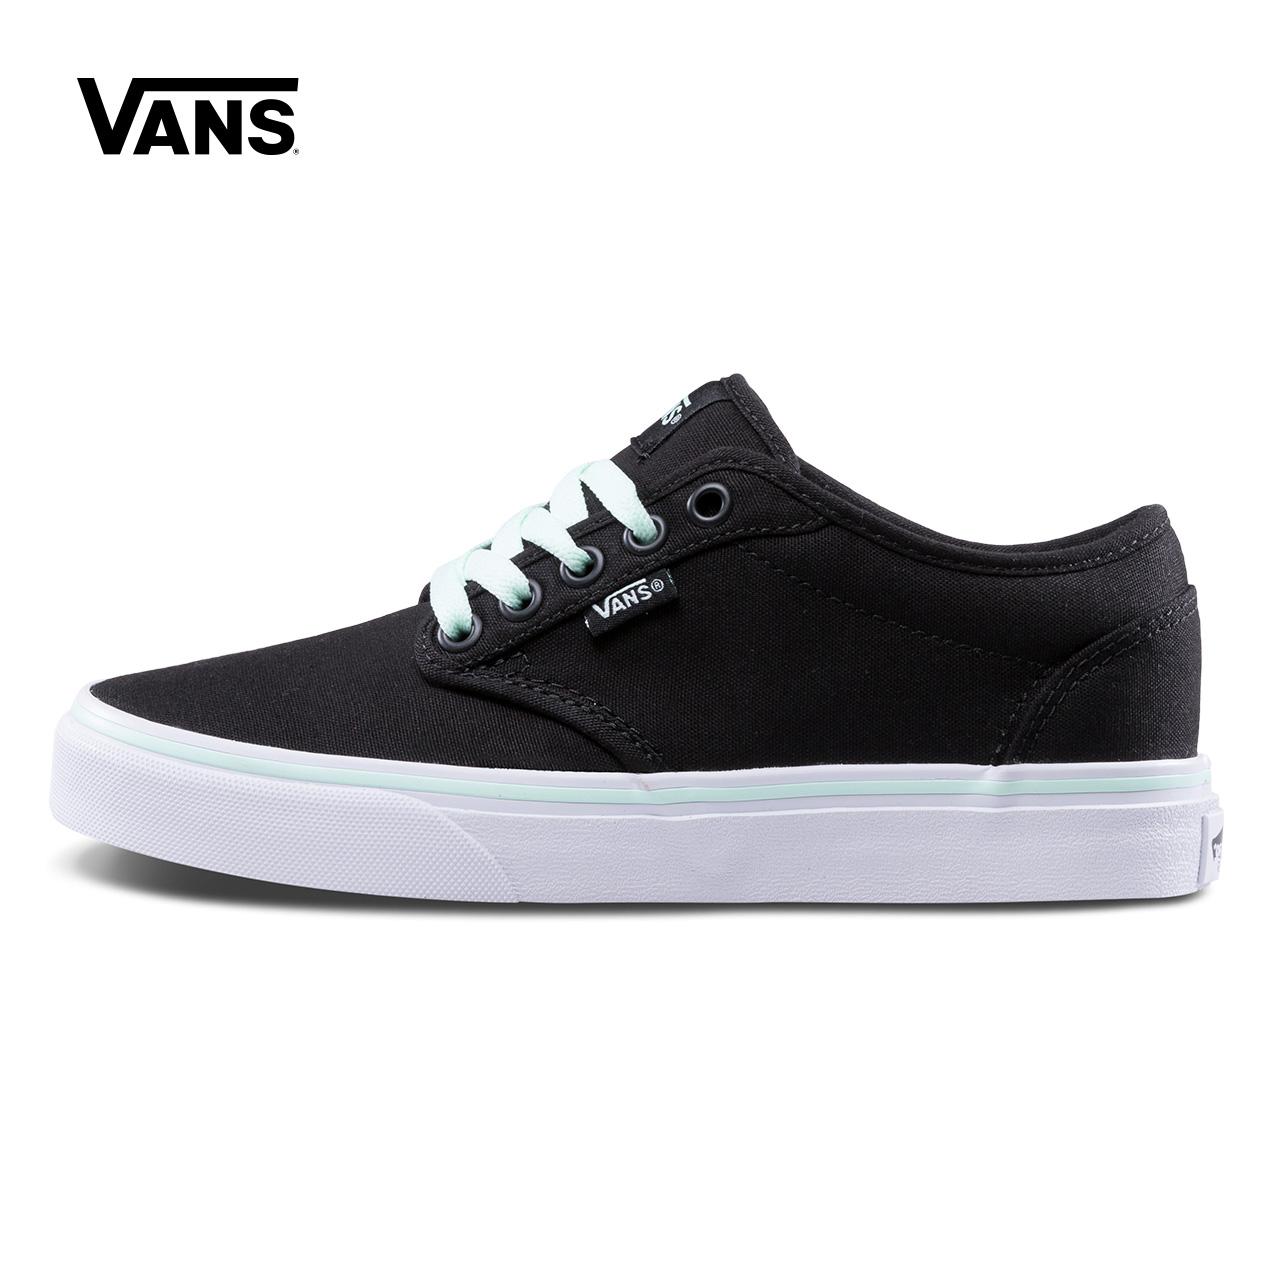 395.00元包邮vans范斯运动休闲系列低帮帆布鞋